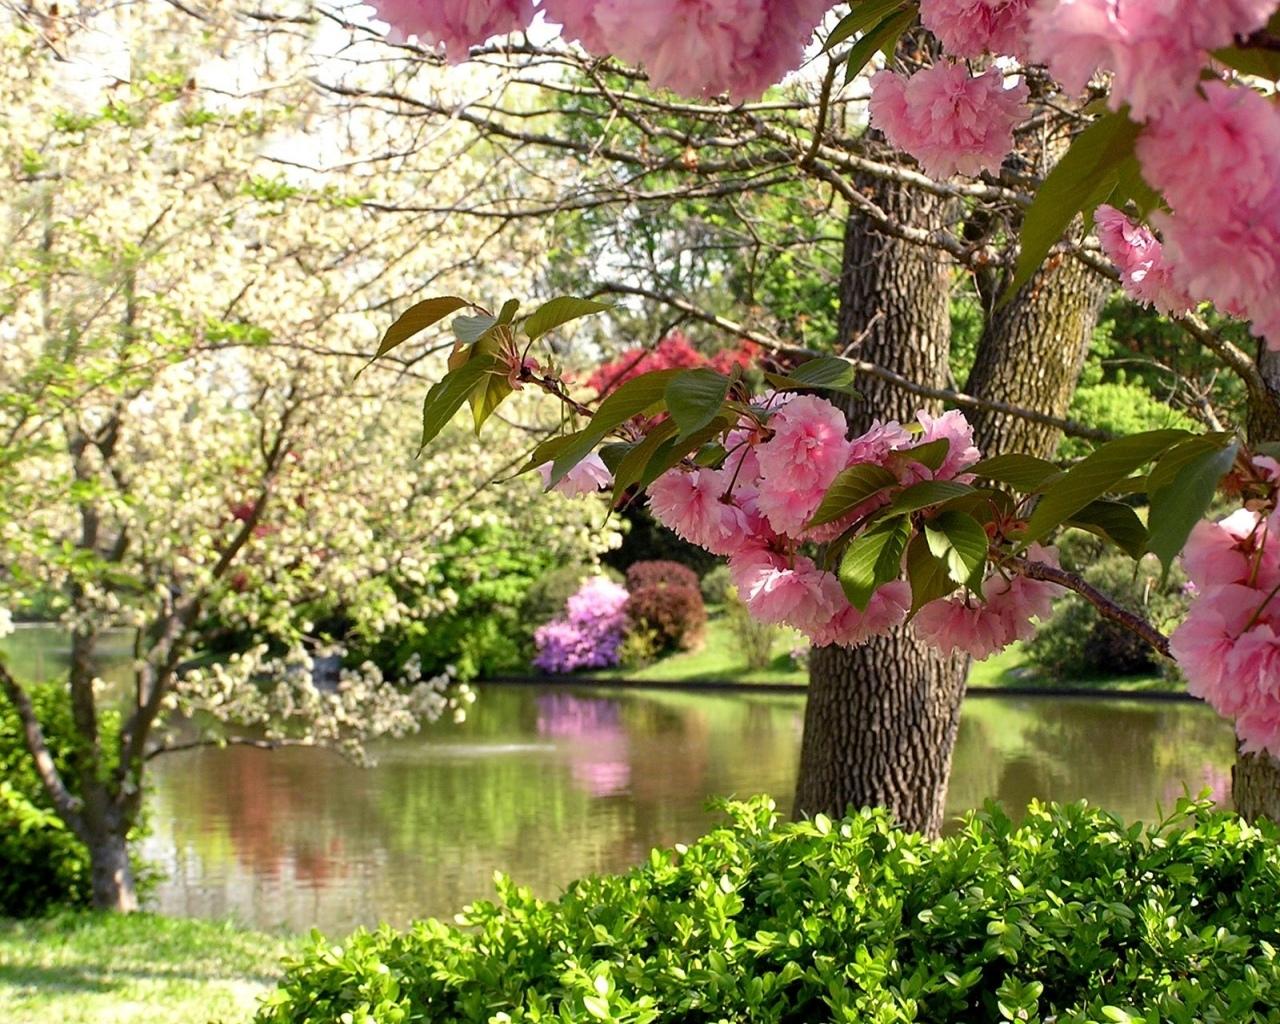 5642 Hintergrundbild herunterladen Bäume, Blumen, Pflanzen, Landschaft - Bildschirmschoner und Bilder kostenlos